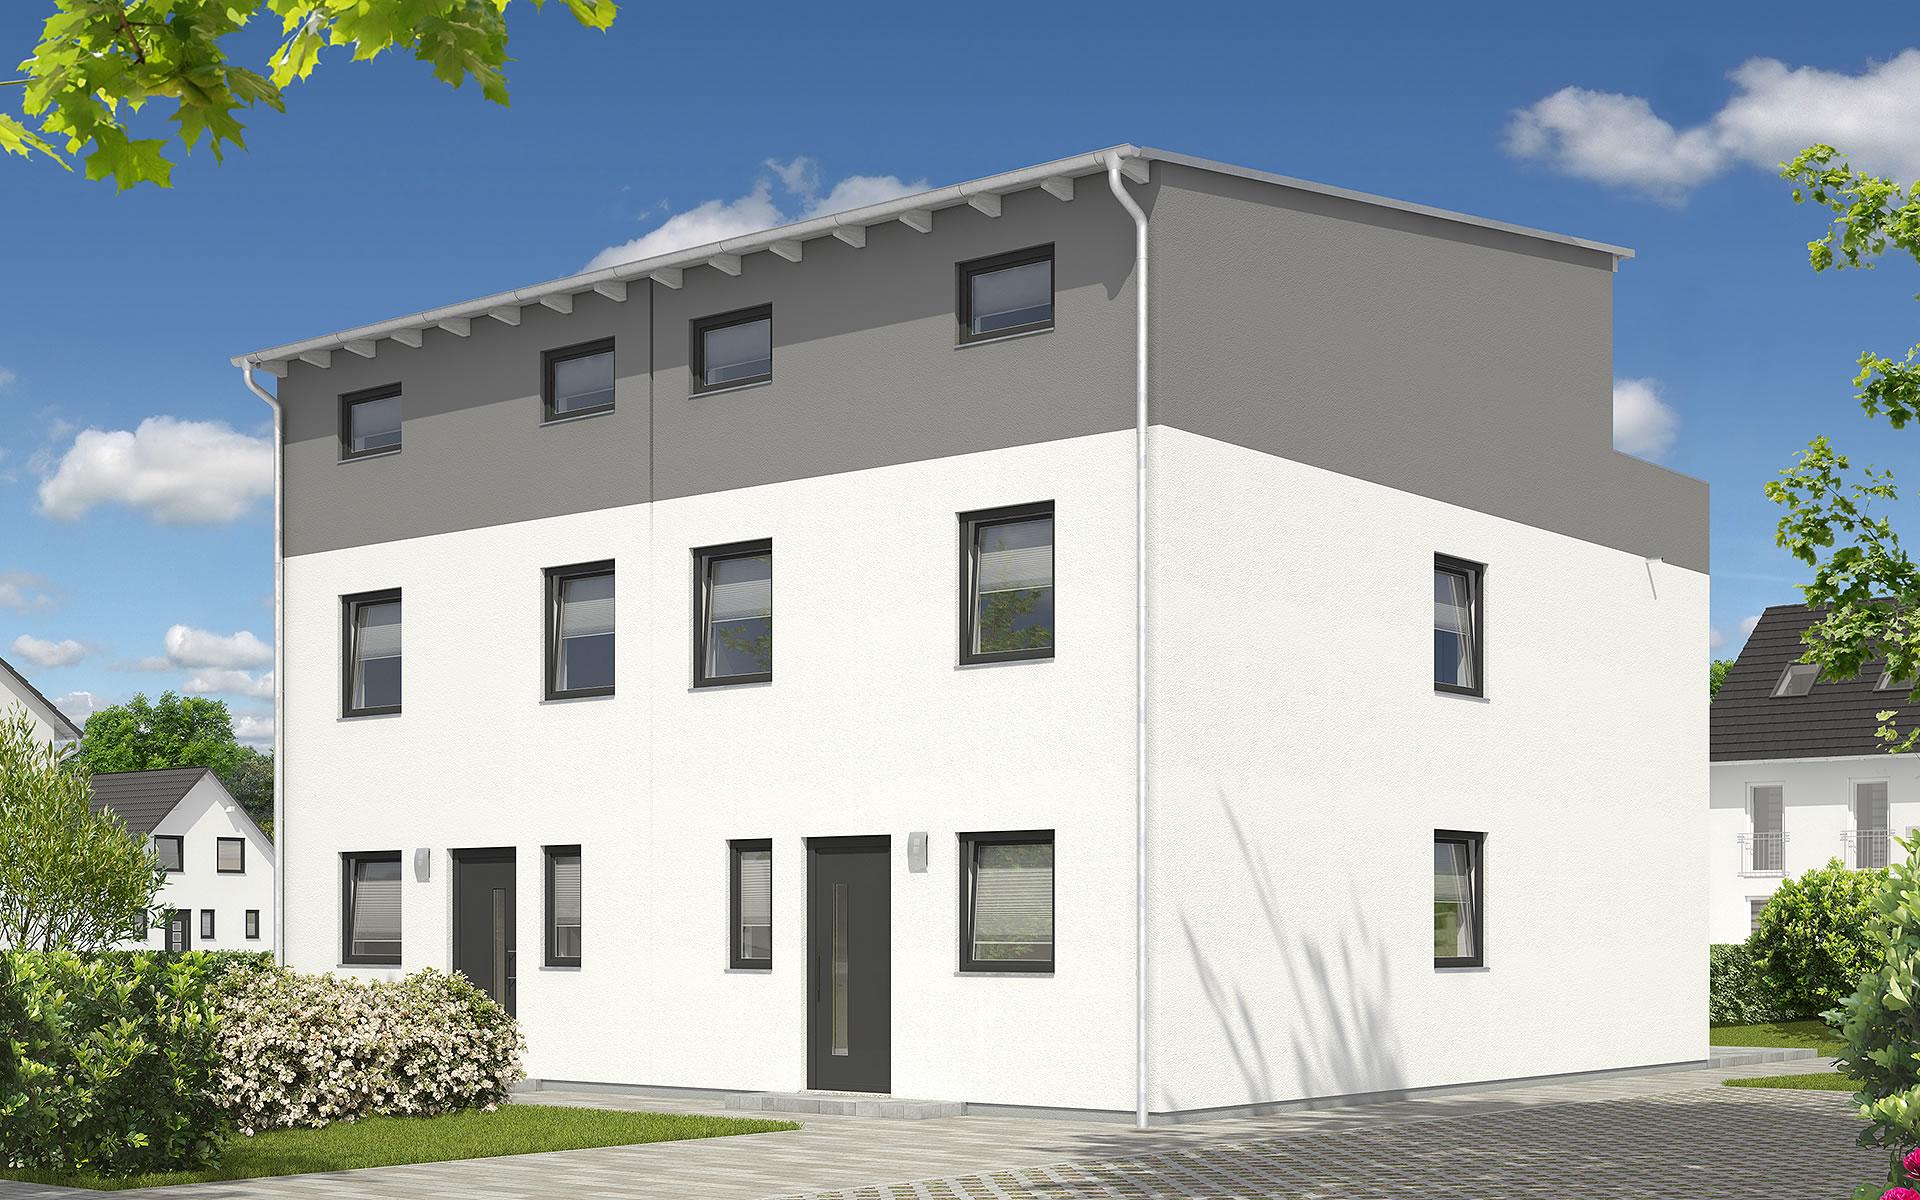 Doppelhaus Mainz 128 - modern DT von Town & Country Haus Lizenzgeber GmbH